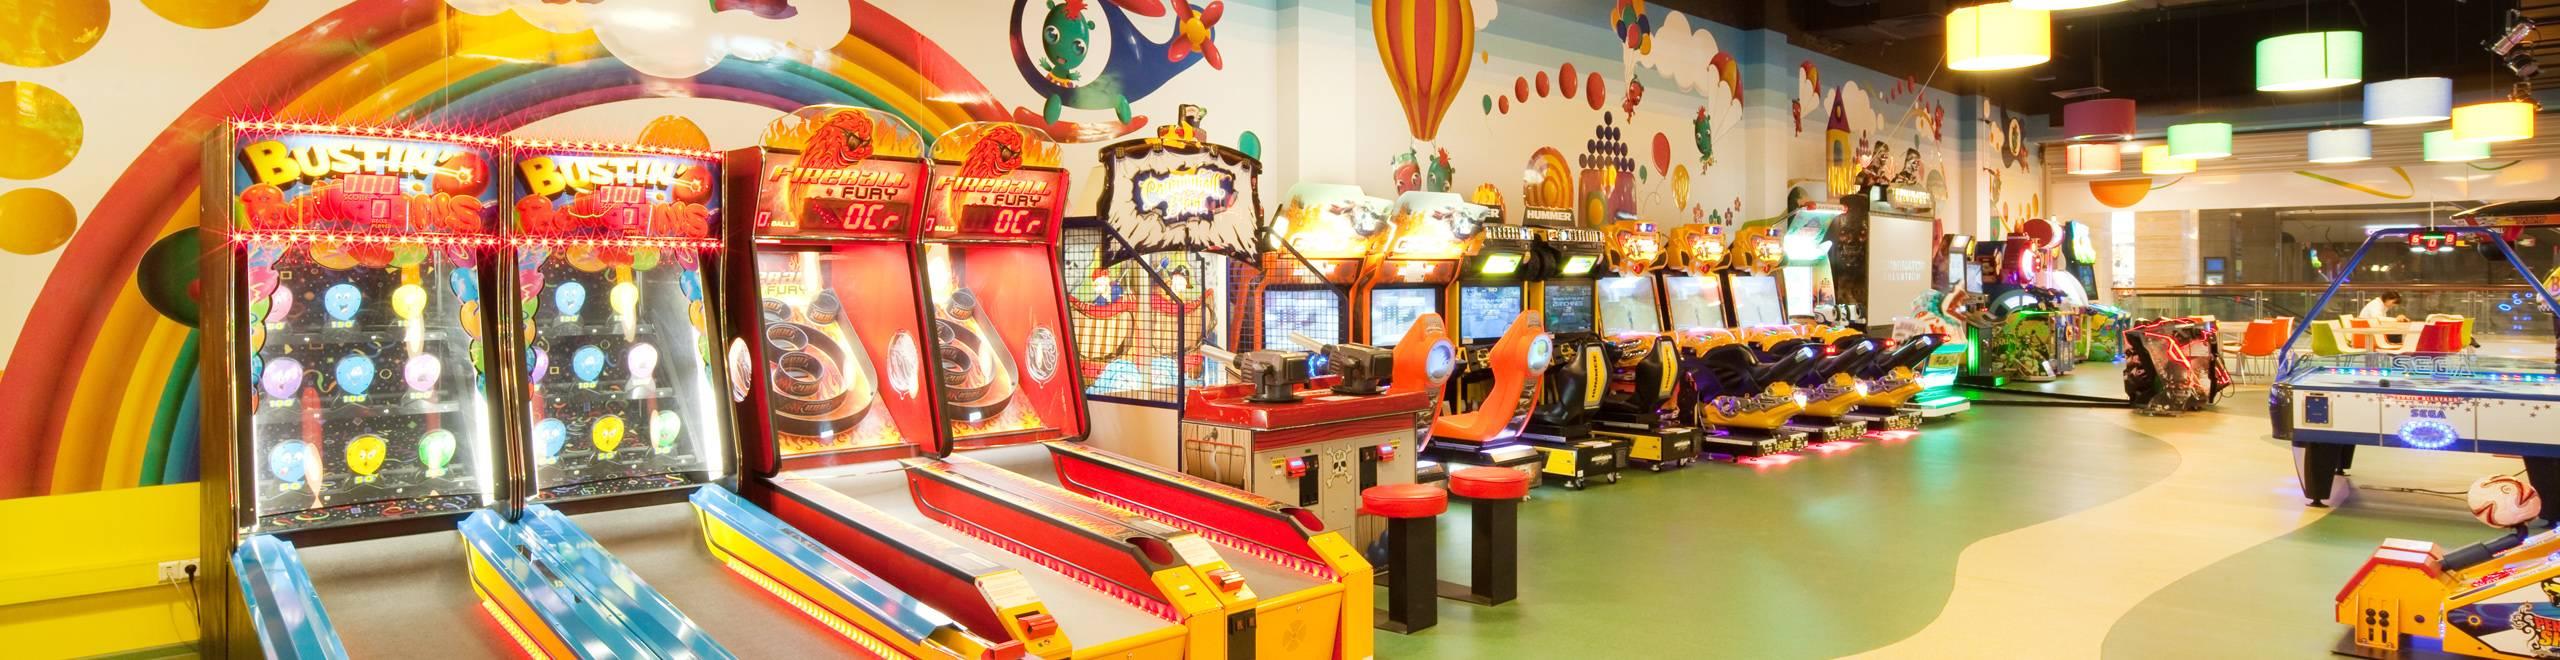 Игровые автоматы на тушинской игровые автоматы онлайн клуб миллион